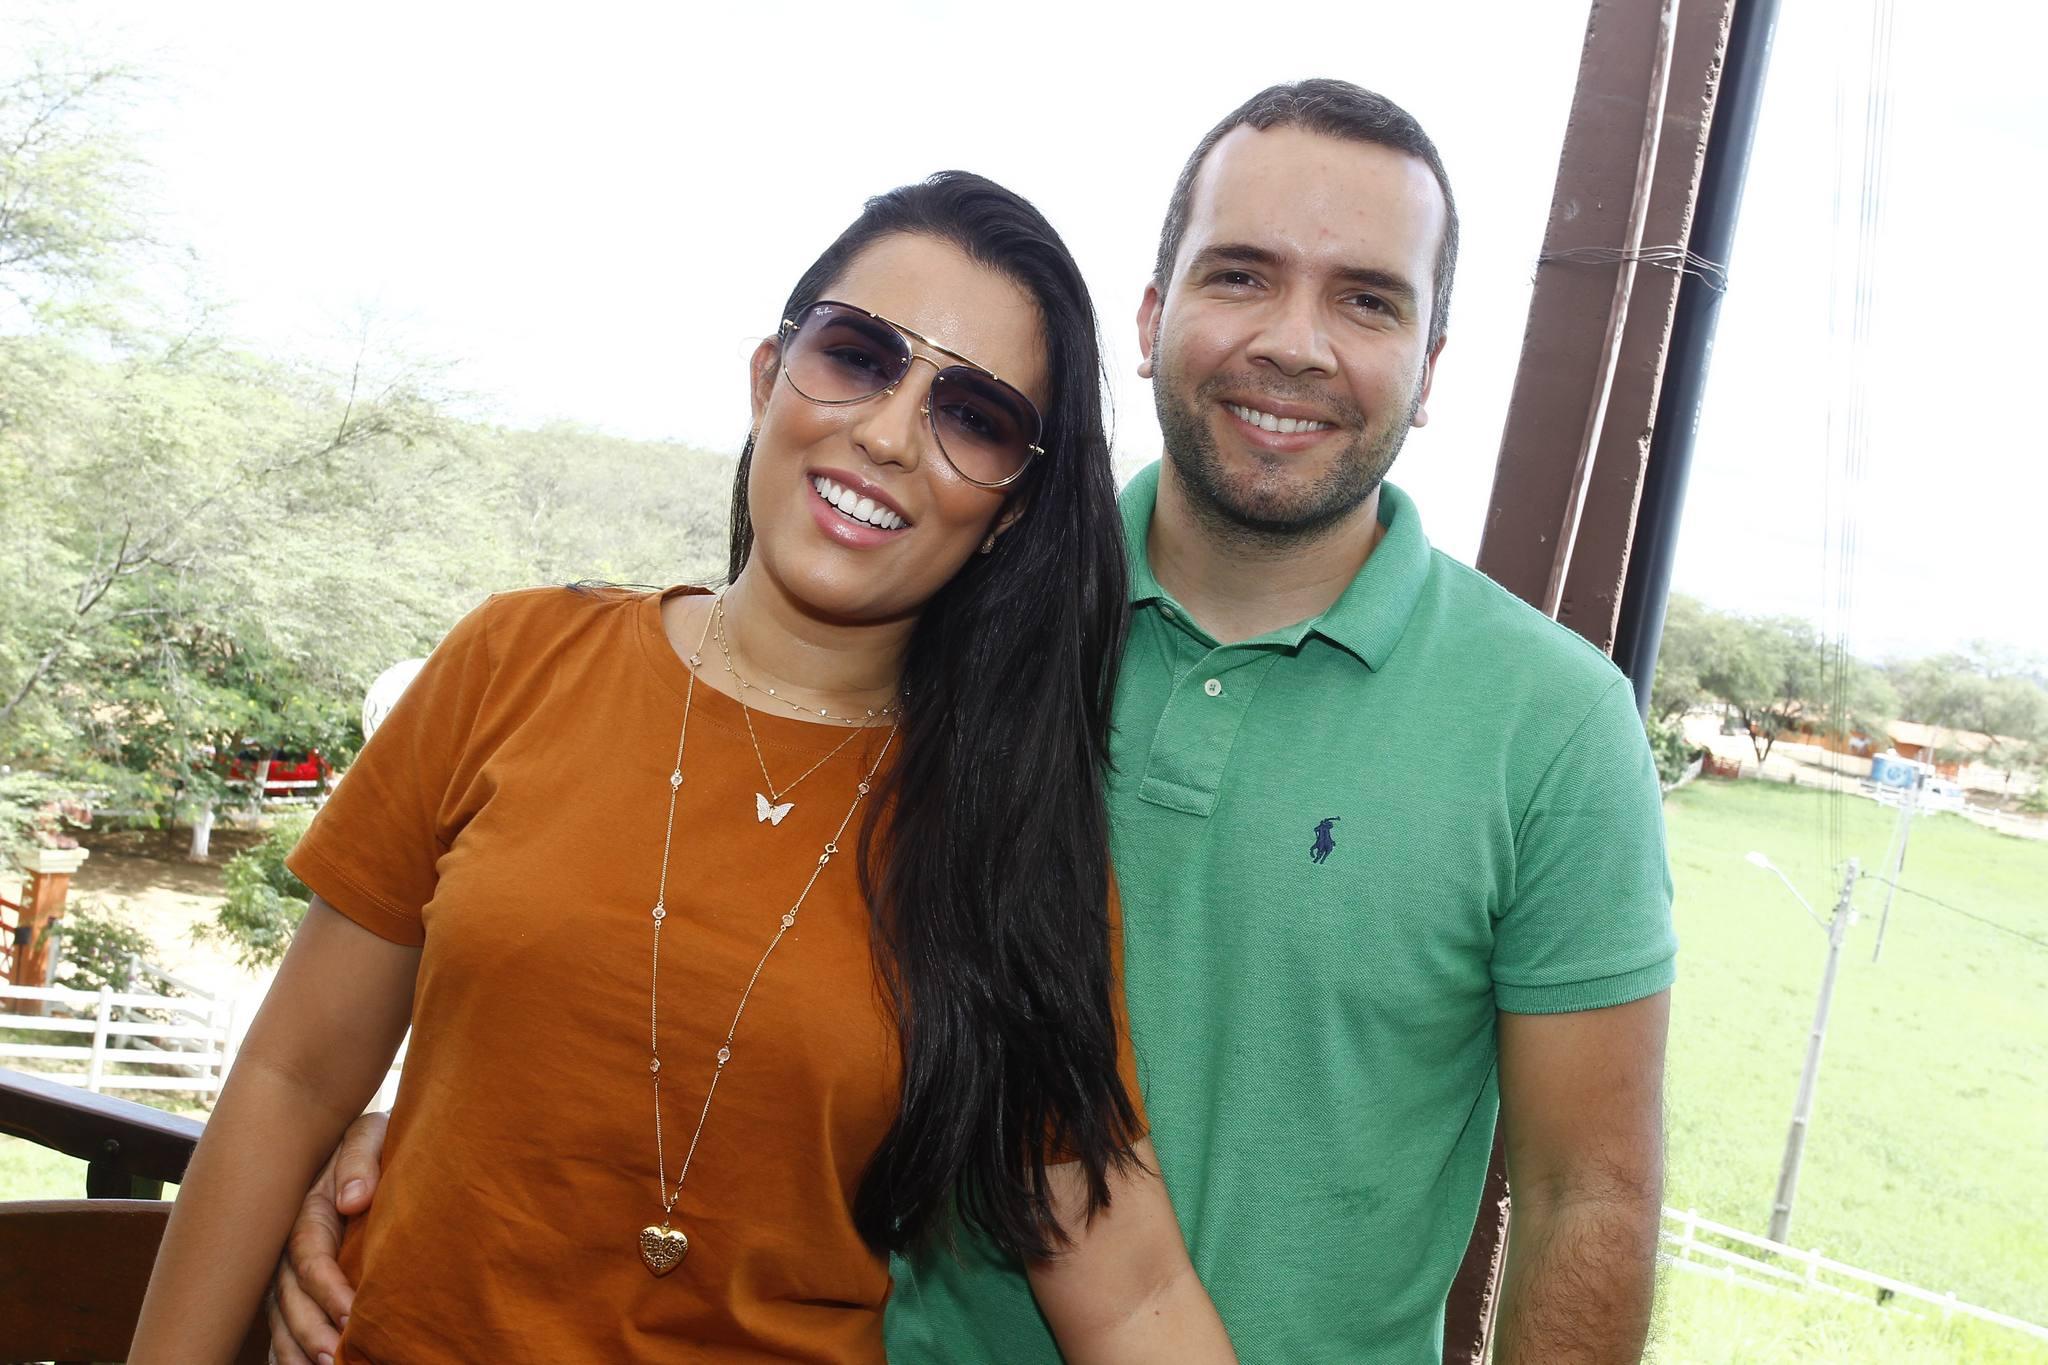 Mara Andrade E Matheus Menezes